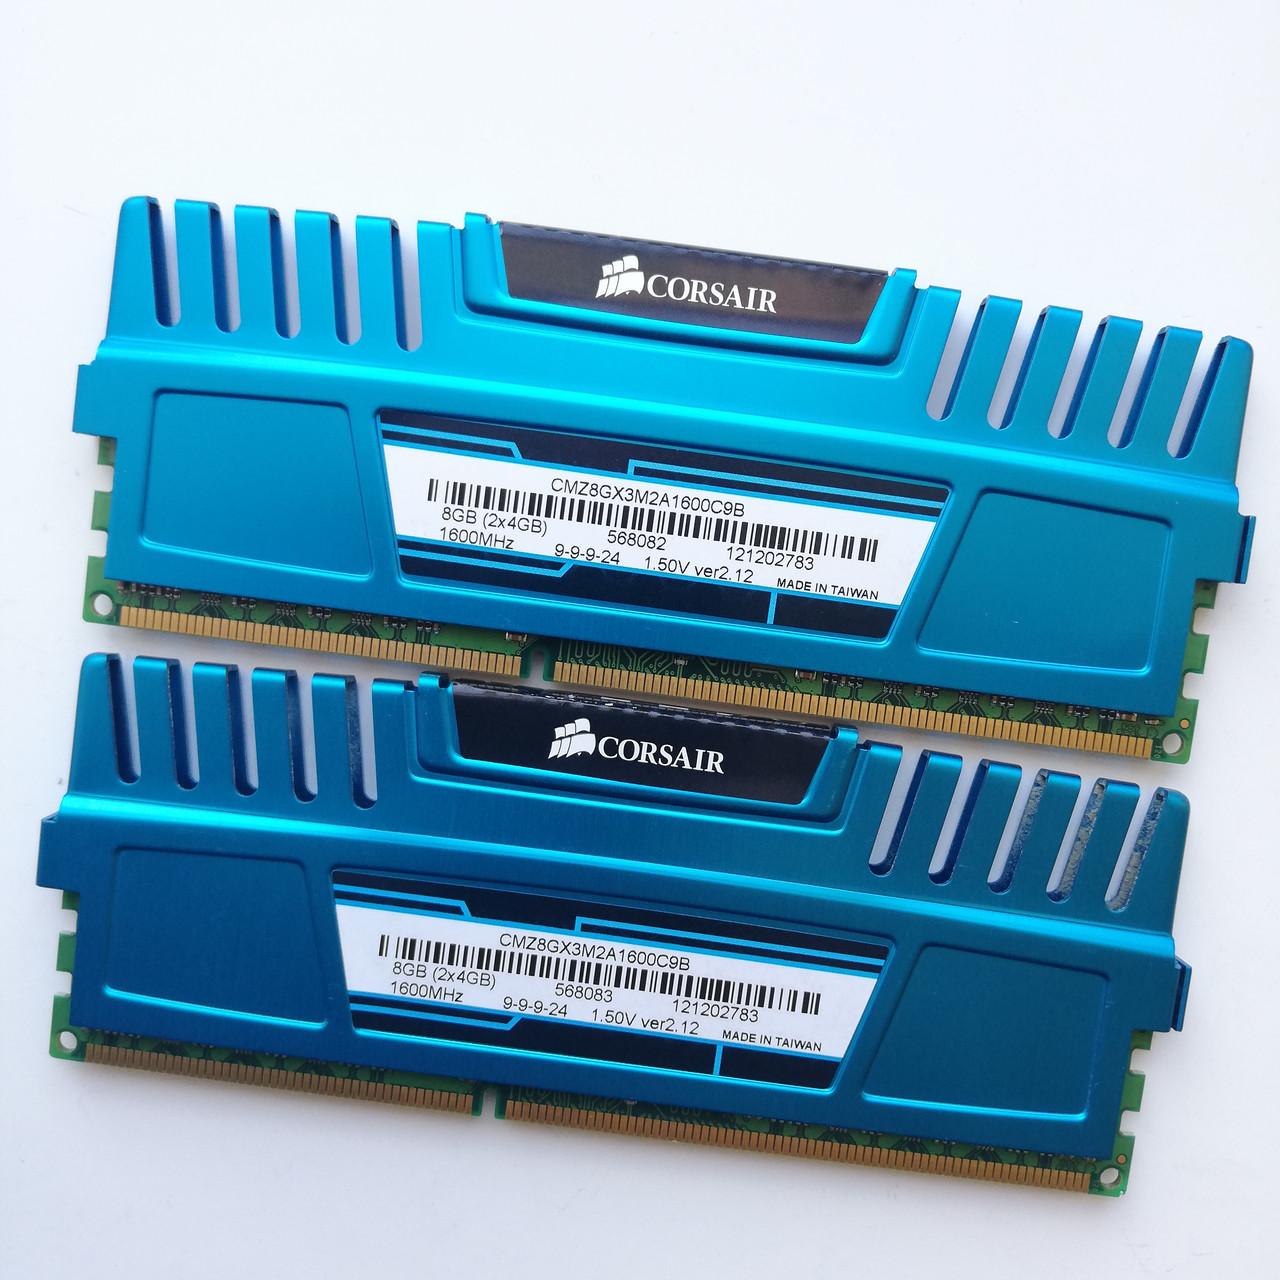 Комплект оперативной памяти Corsair Vengeance DDR3 8Gb KIT of 2 1600MHz PC3 12800U CL9 (CMZ8GX3M2A1600C9B) Б/У